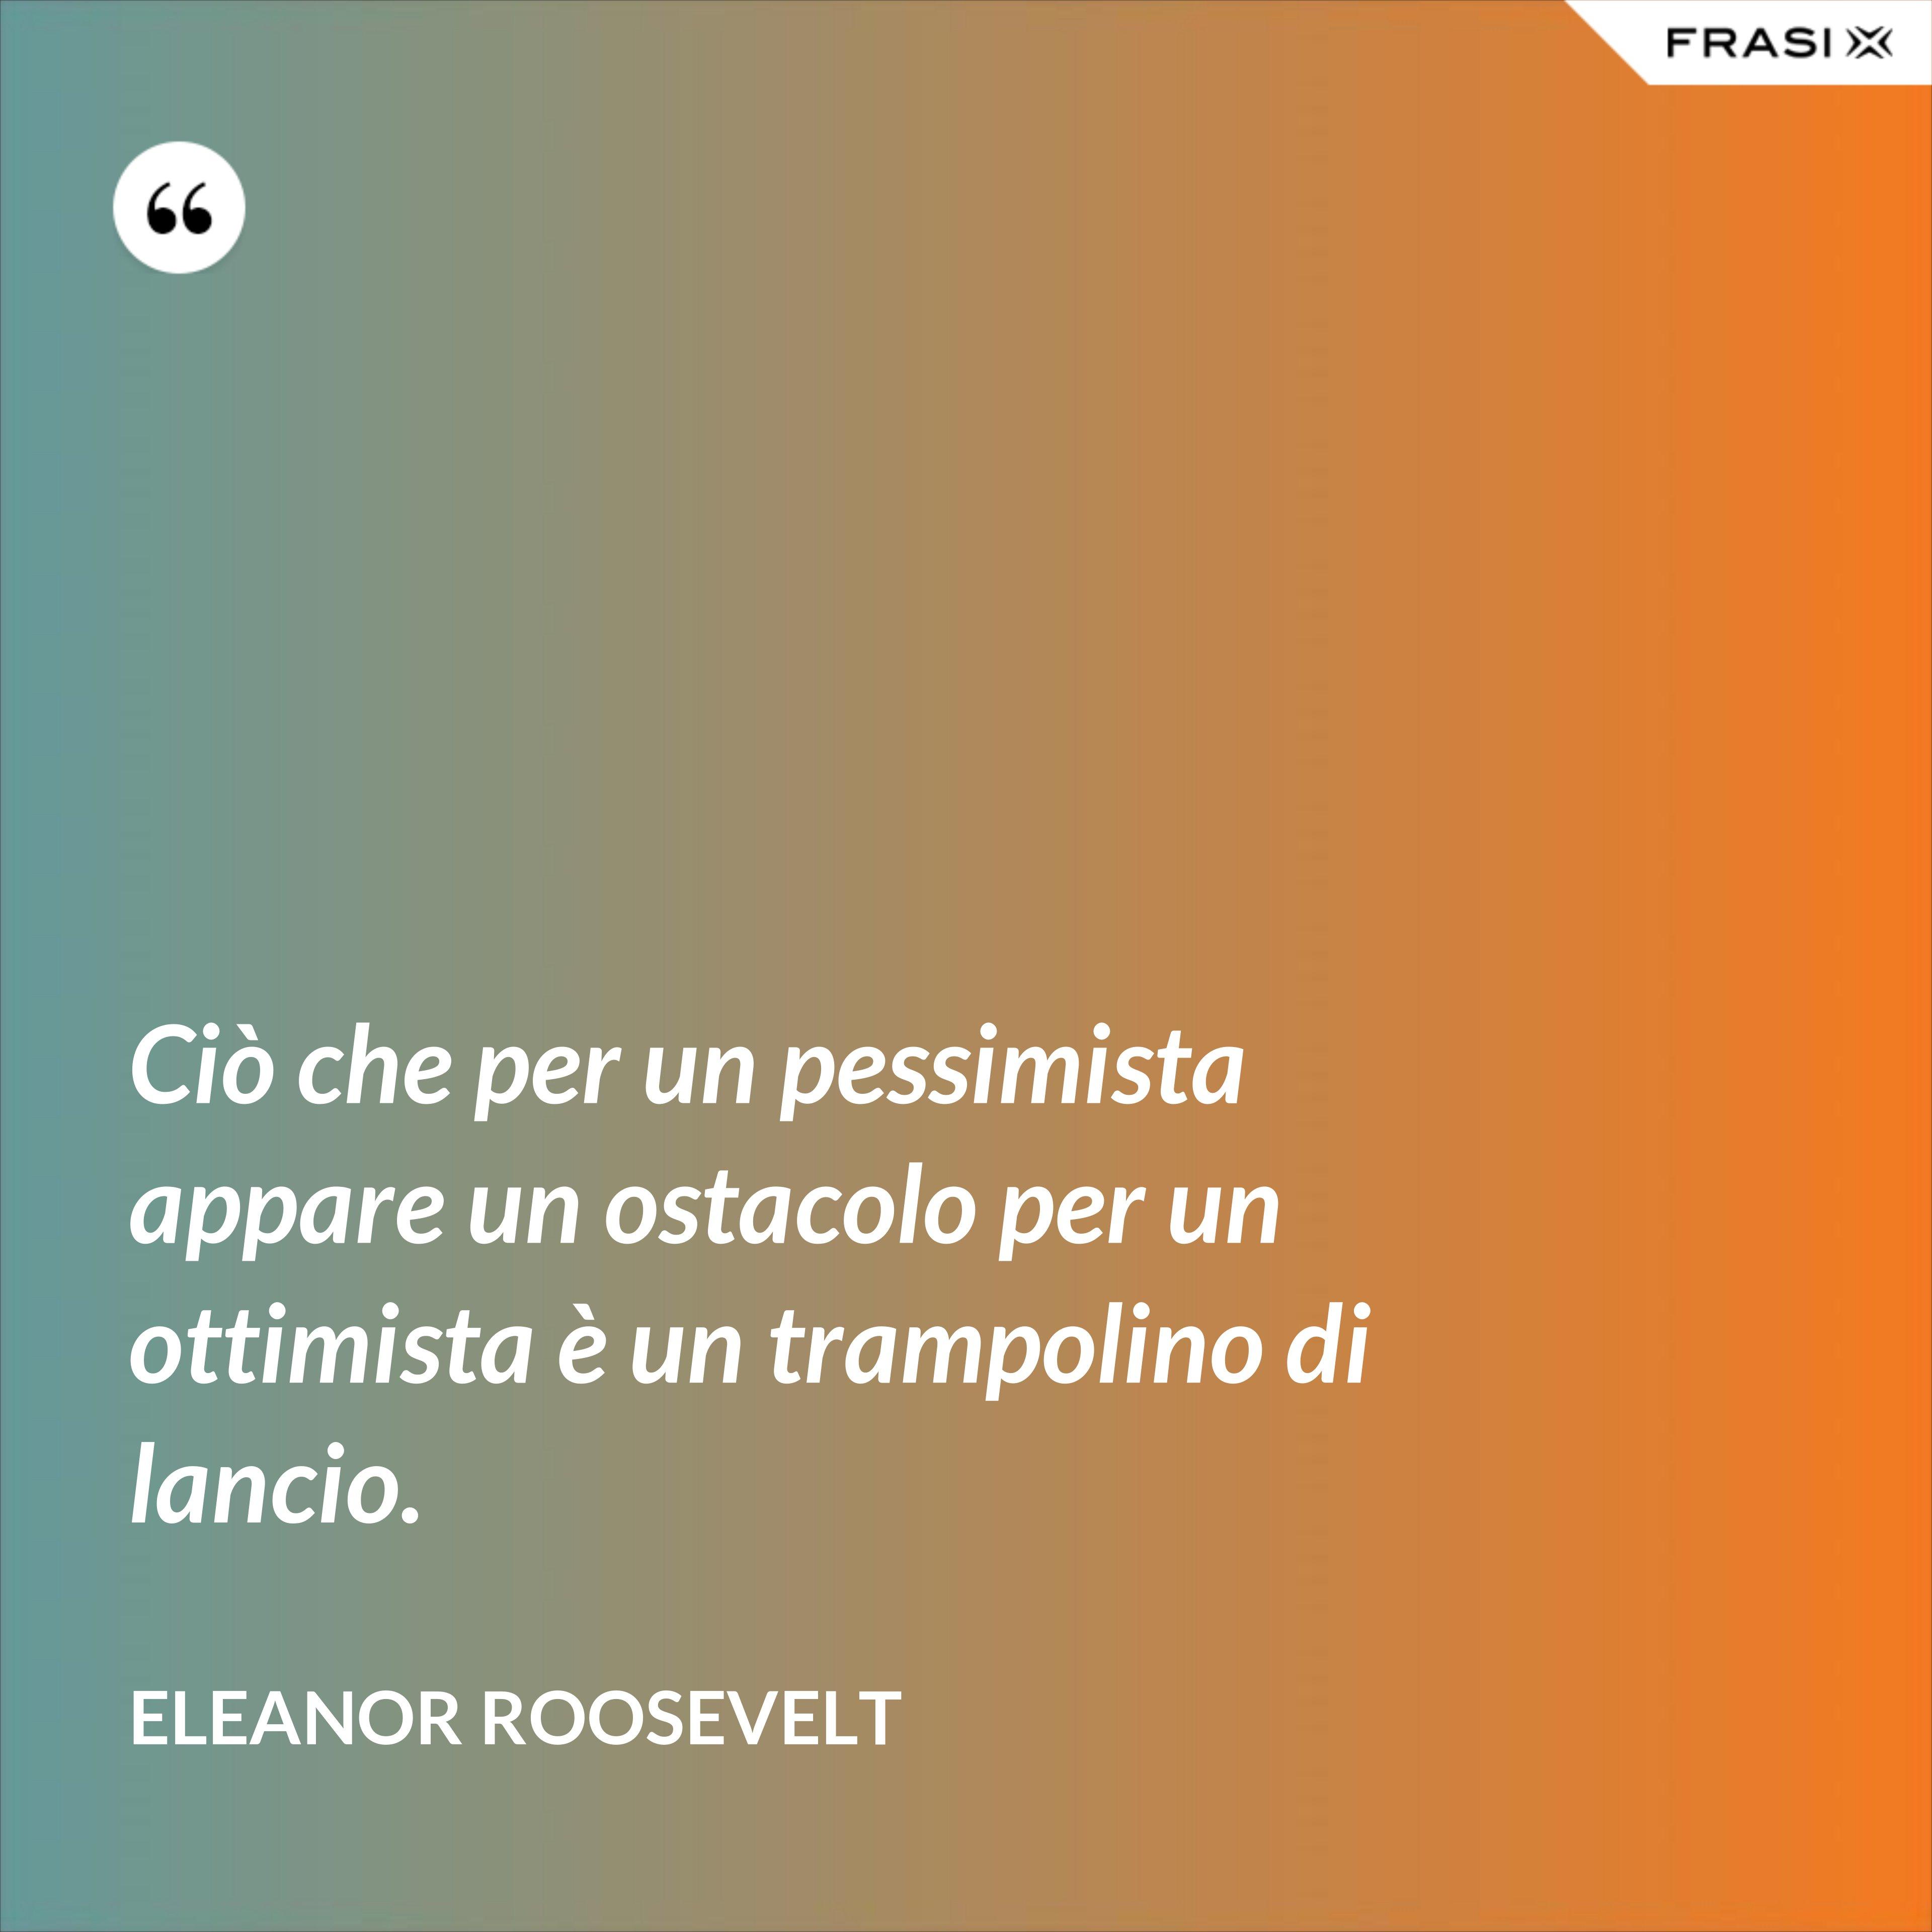 Ciò che per un pessimista appare un ostacolo per un ottimista è un trampolino di lancio. - Eleanor Roosevelt